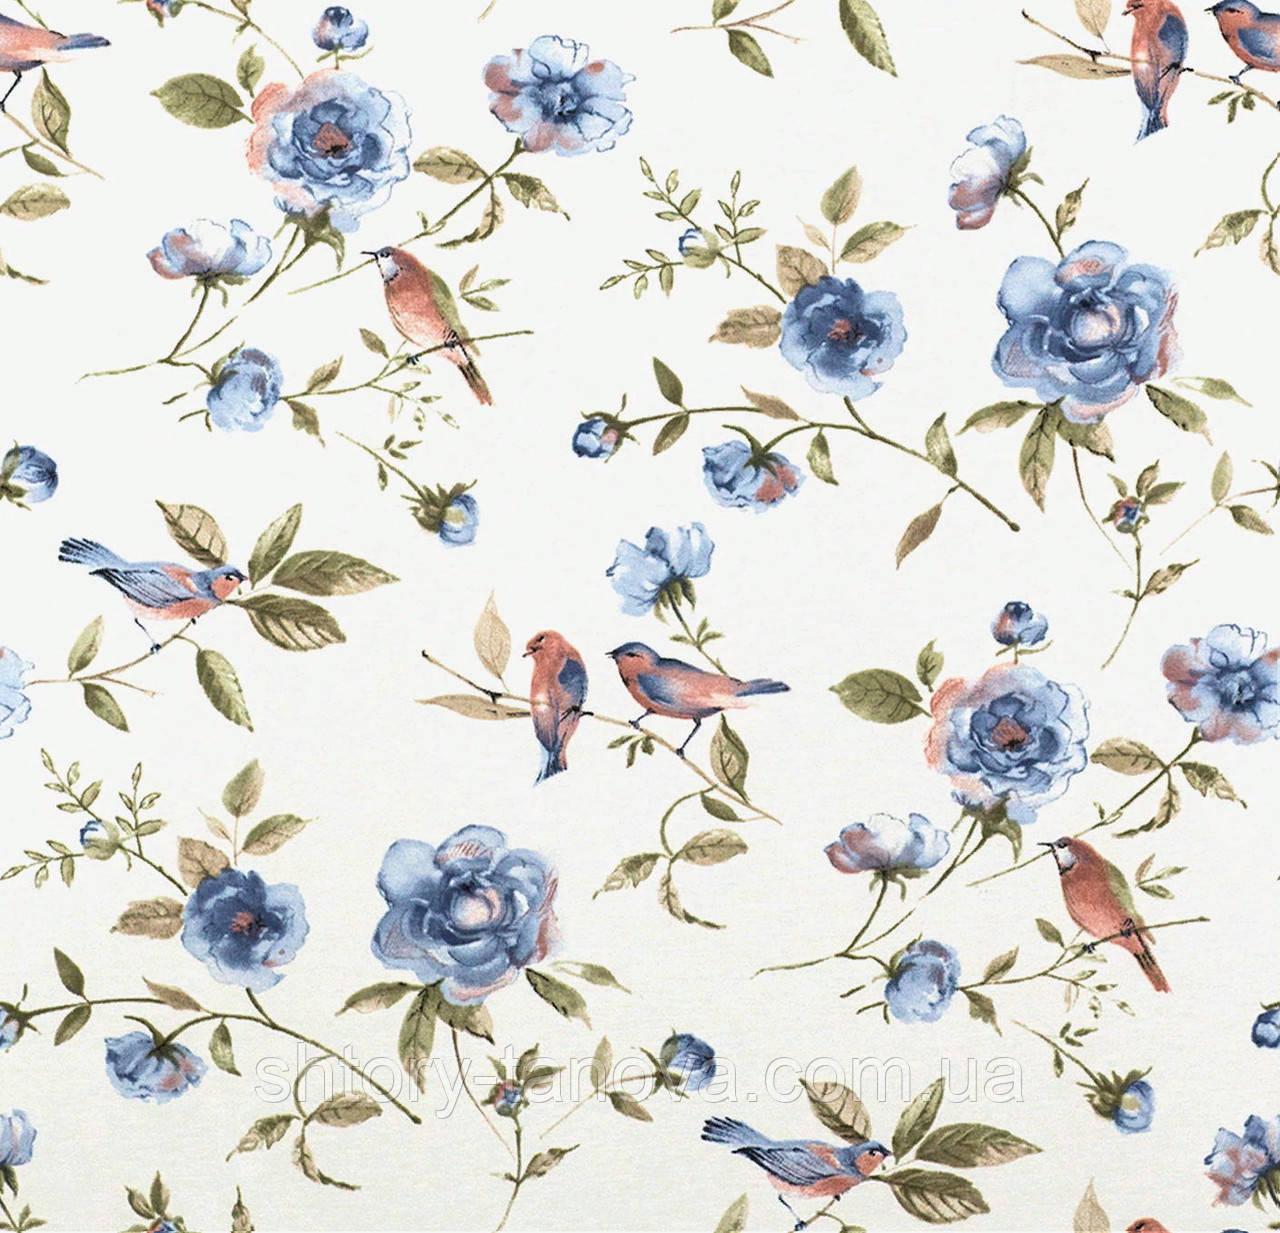 Гарна тканина для штор з квітами і птахами синя